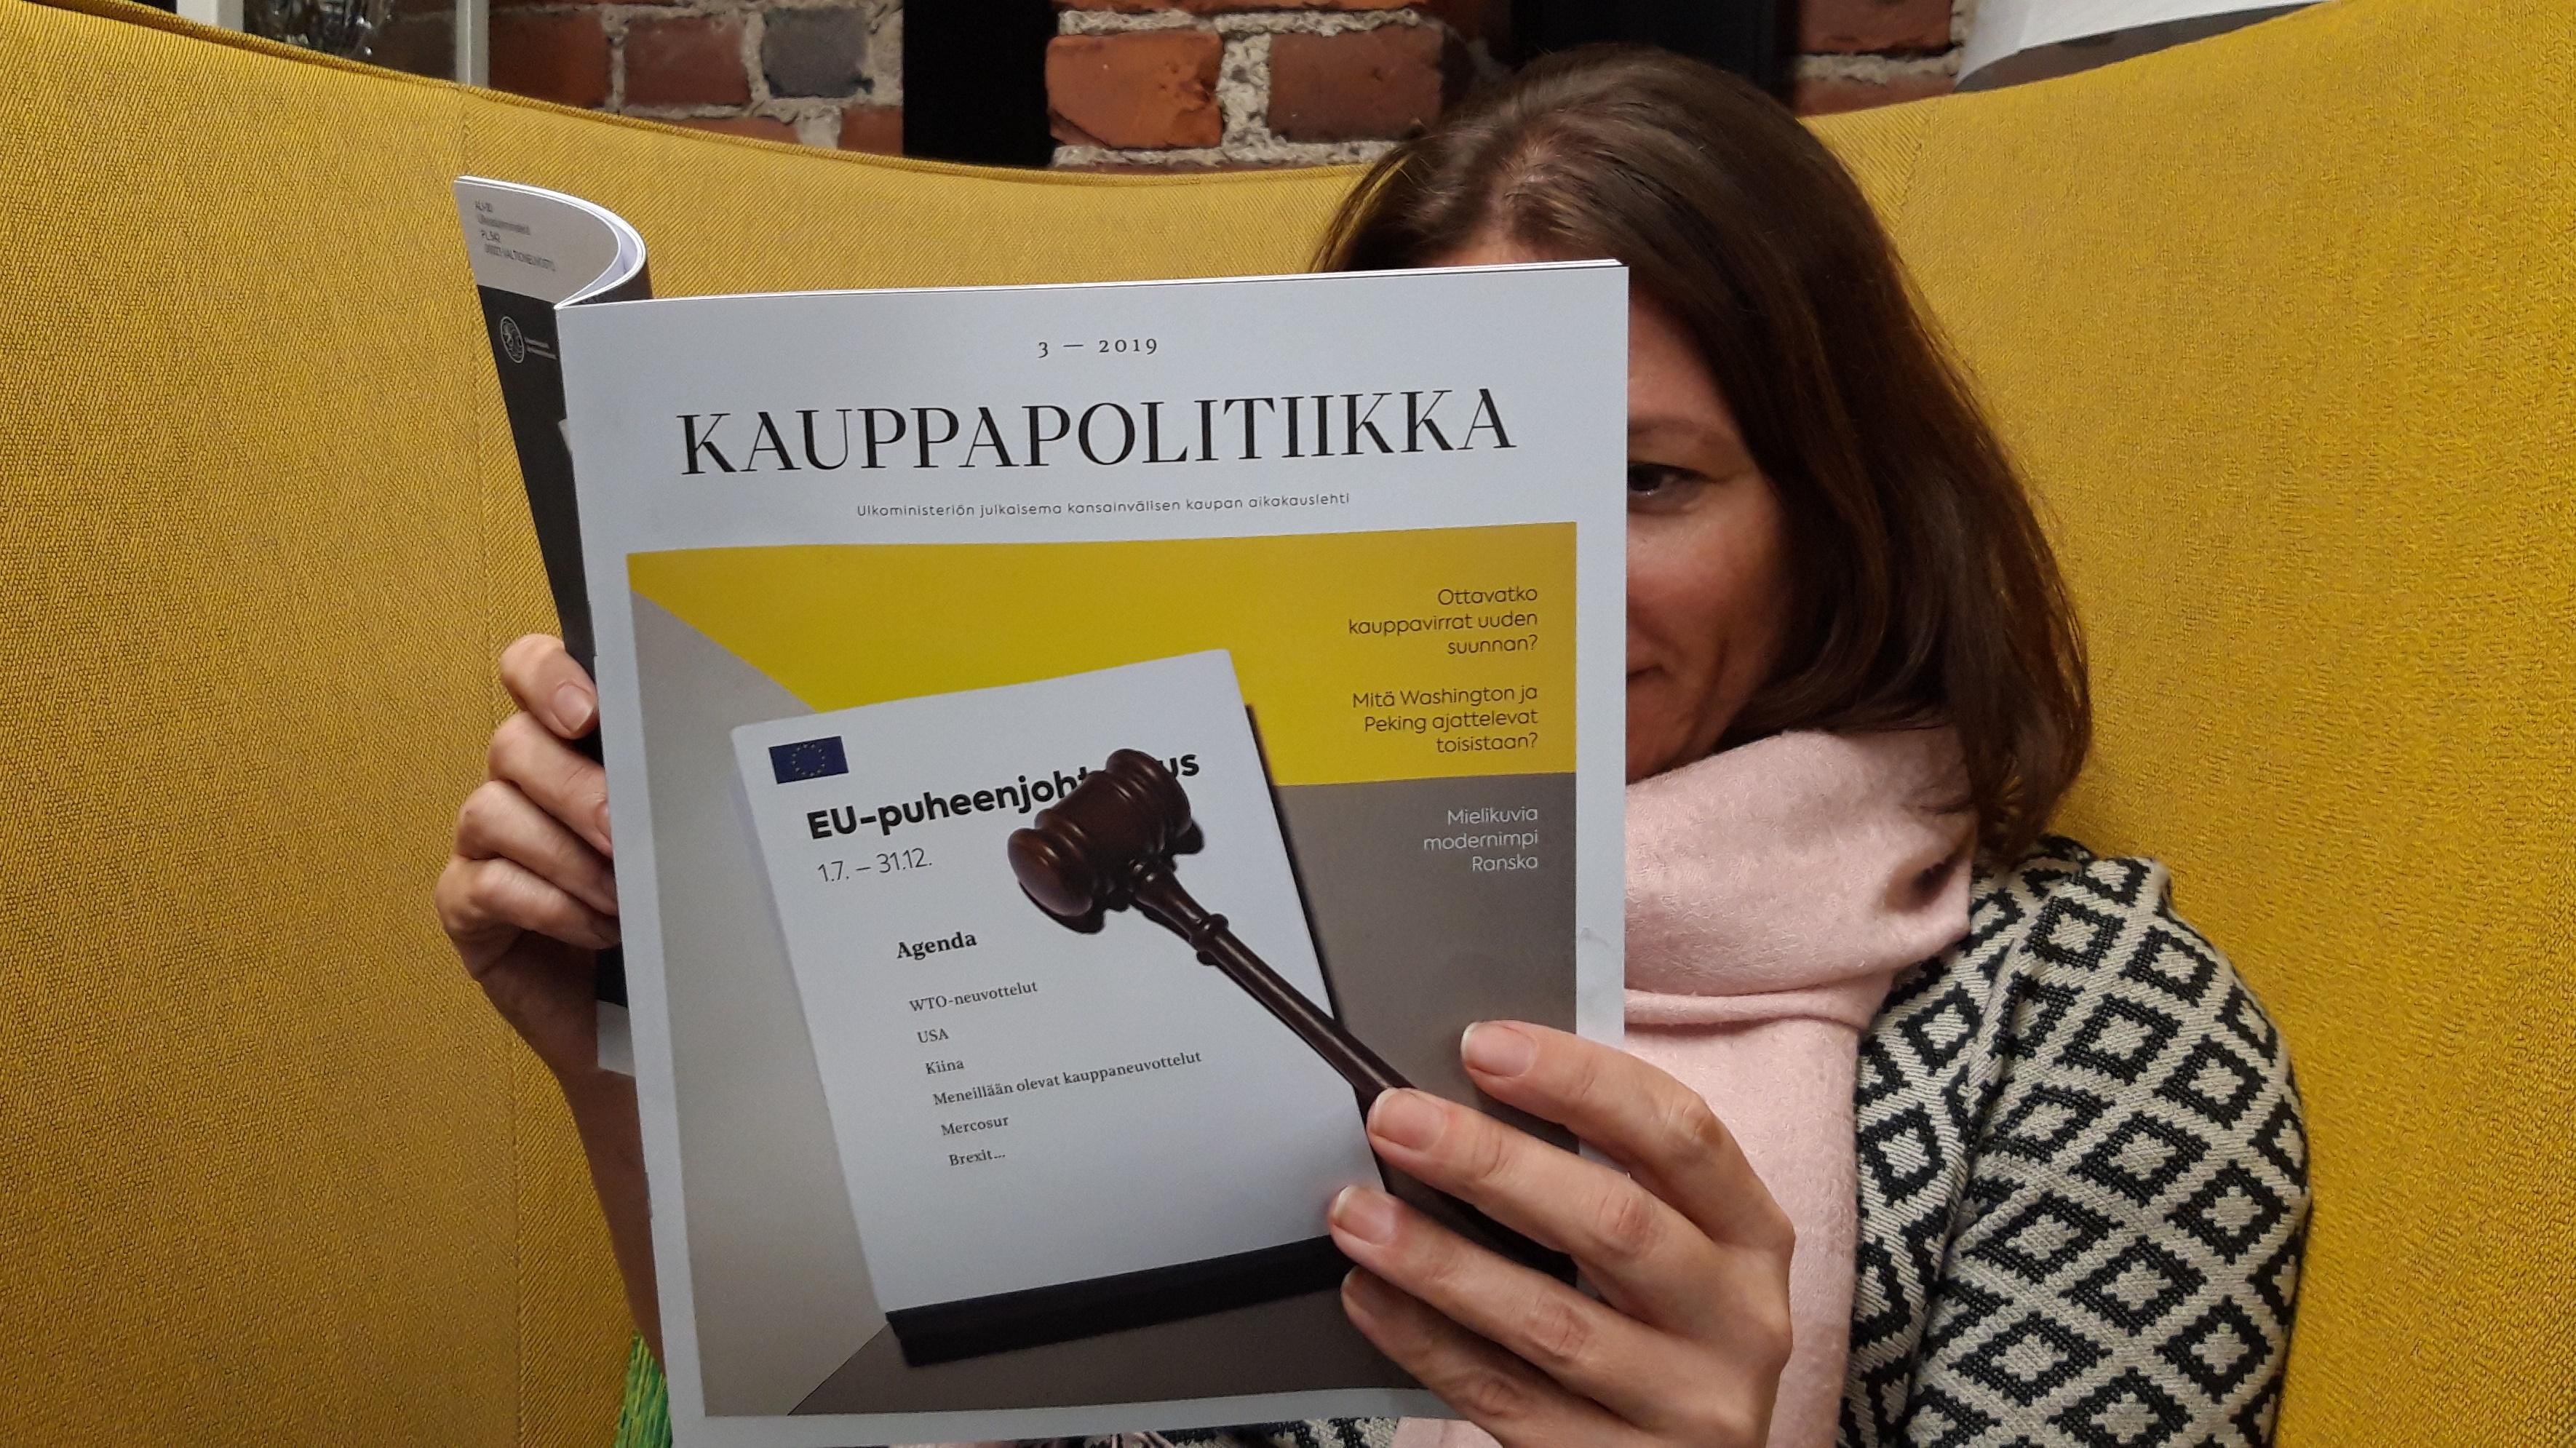 Kauppapolitiikka-lehden päätoimittaja Lotta Nuotio lukemassa Kauppapolitiikka-lehteä.